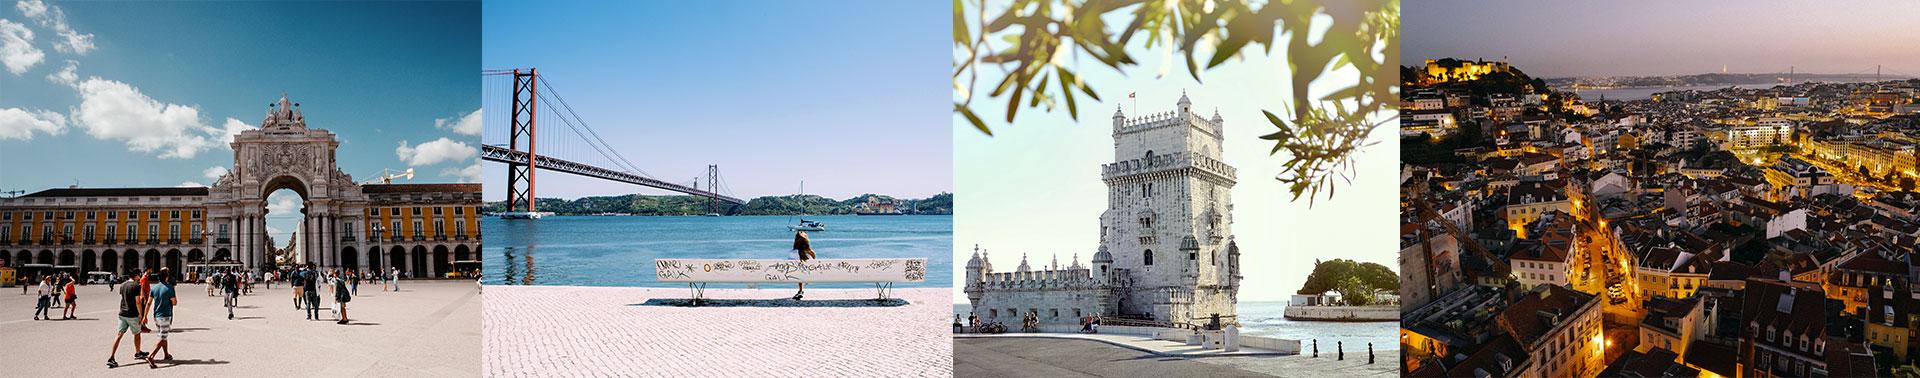 Destination-Lisbonne-banner-select-venue-séminaire à l'étranger